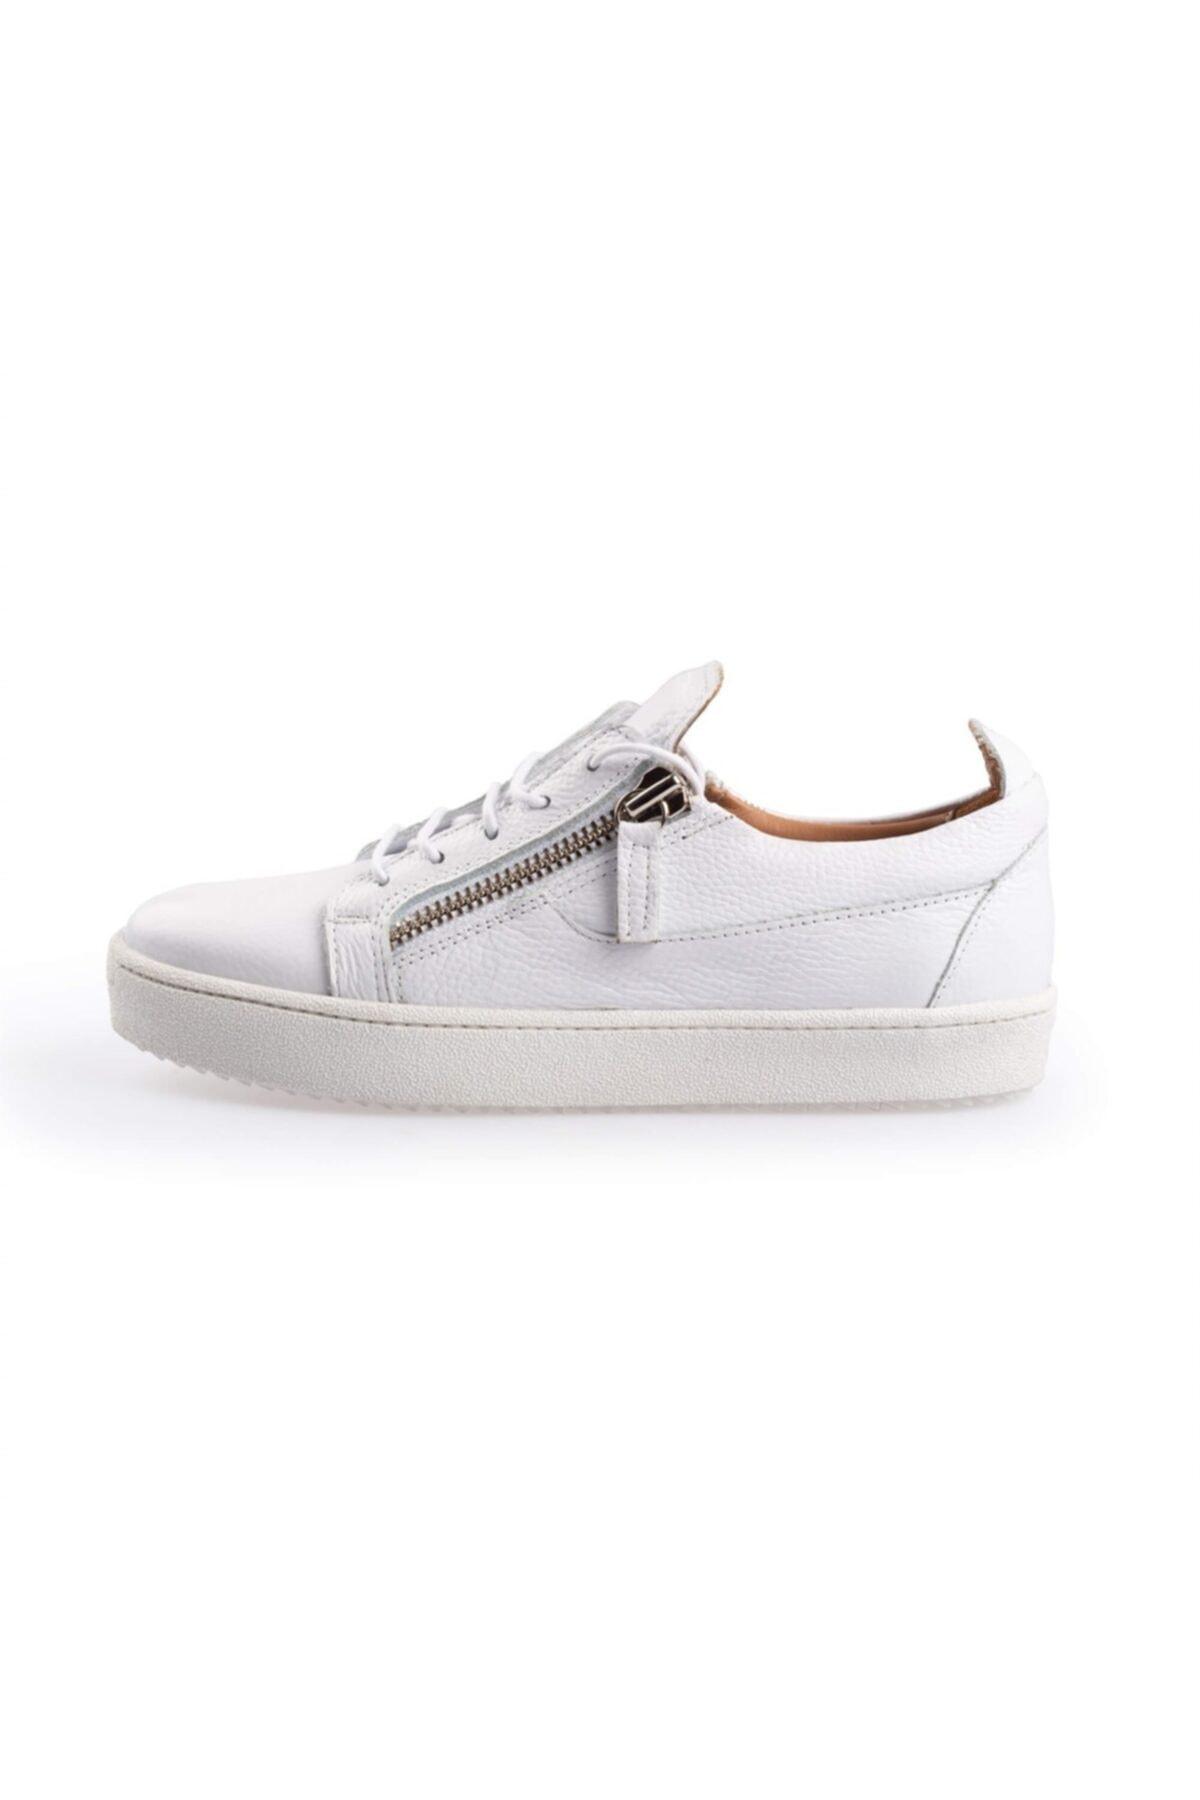 Flower Erkek Beyaz Deri Fermuar Detaylı  Sneakers 1